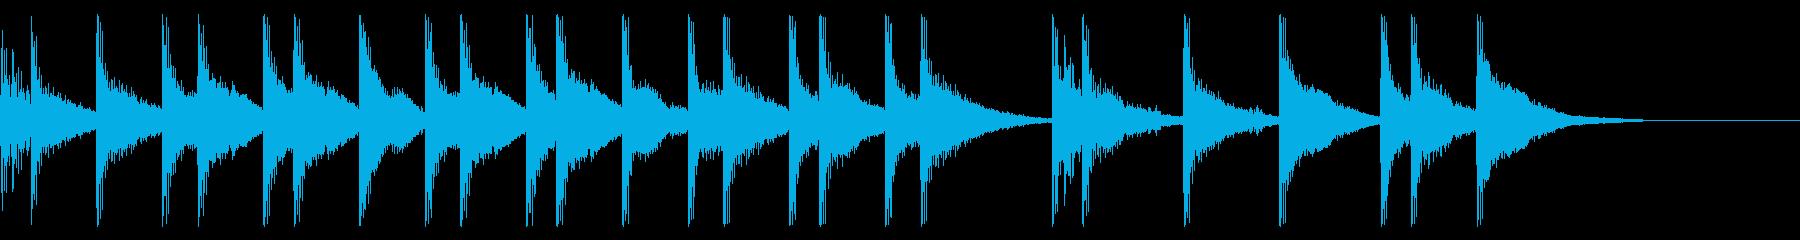 【和風ジングル】相撲っぽいヤツの再生済みの波形